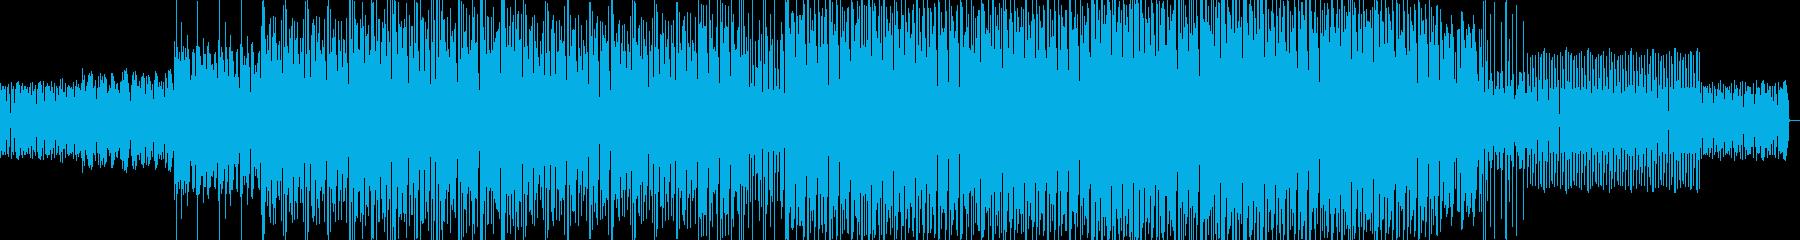 有名人の再生済みの波形